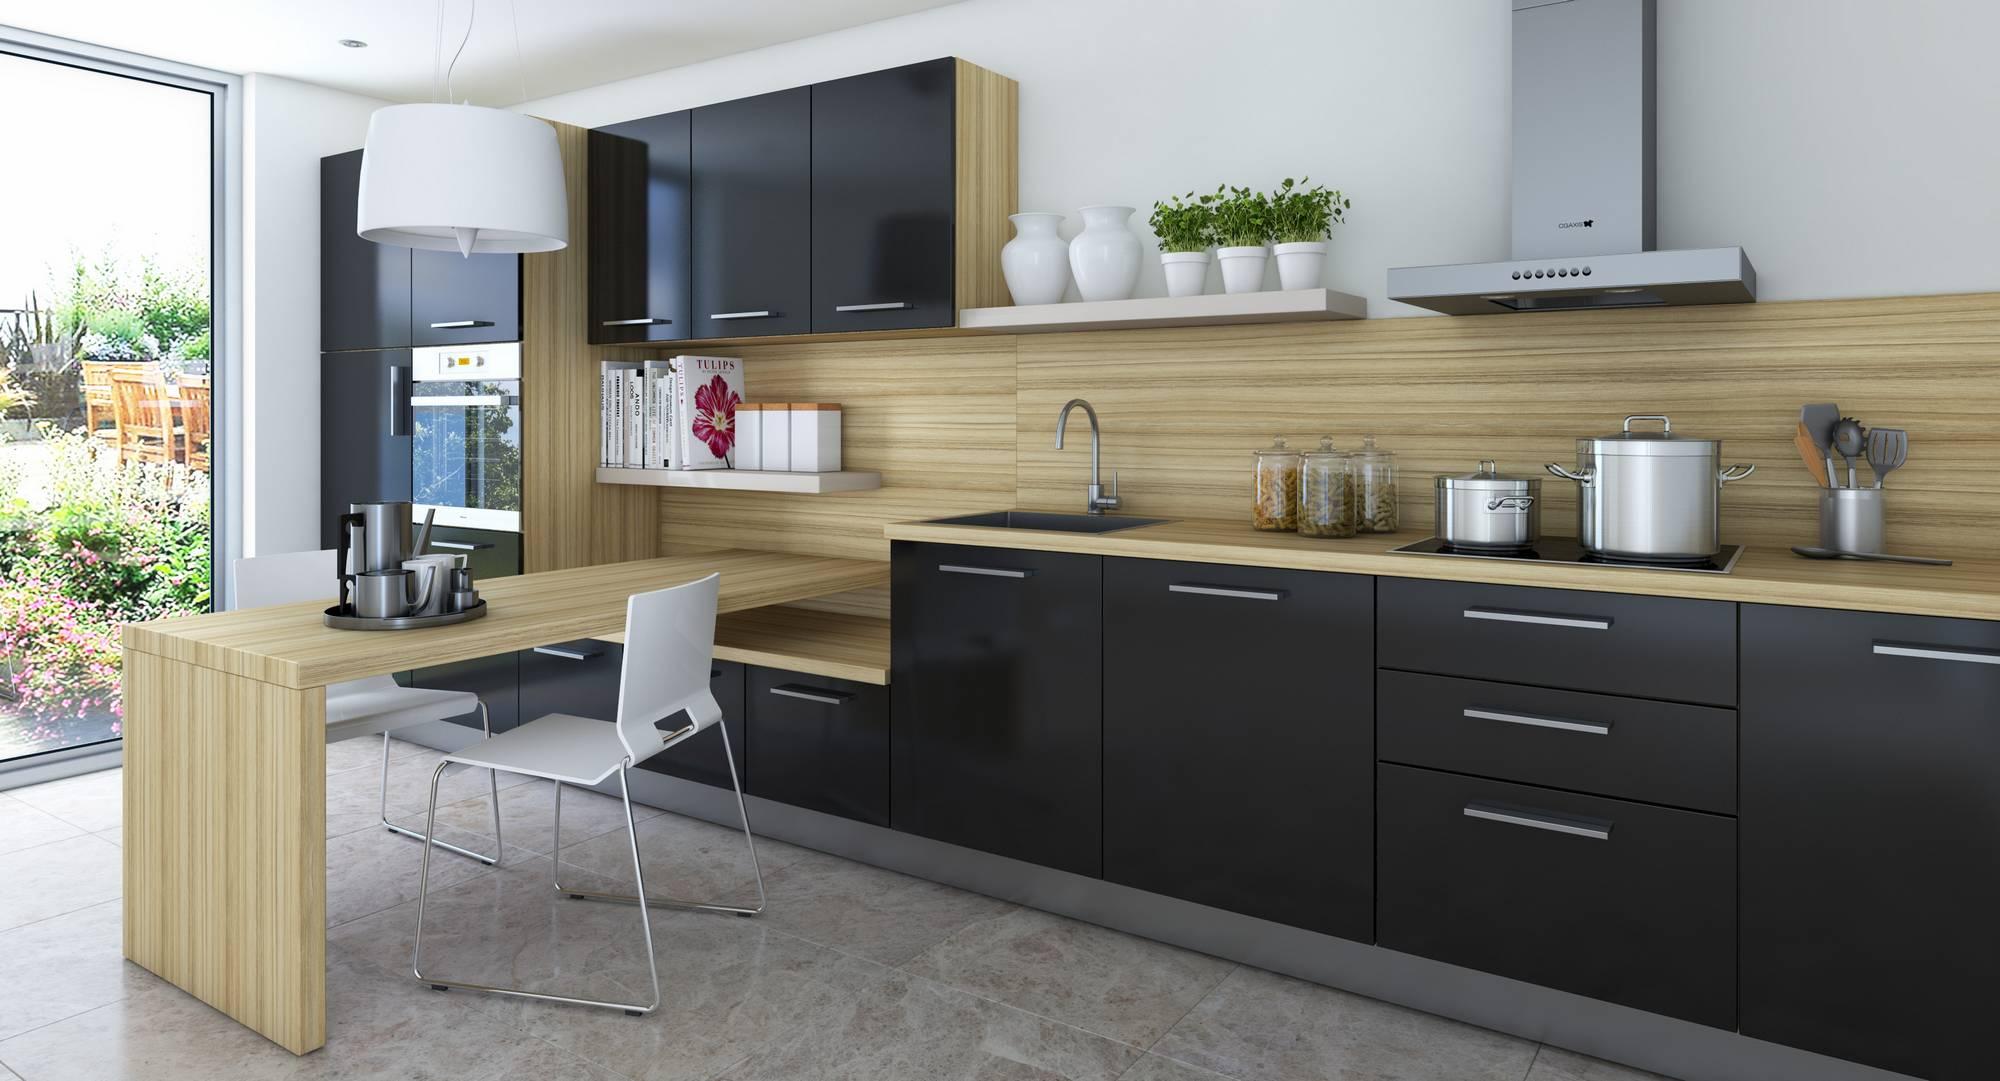 Черный цвет в интерьере кухни